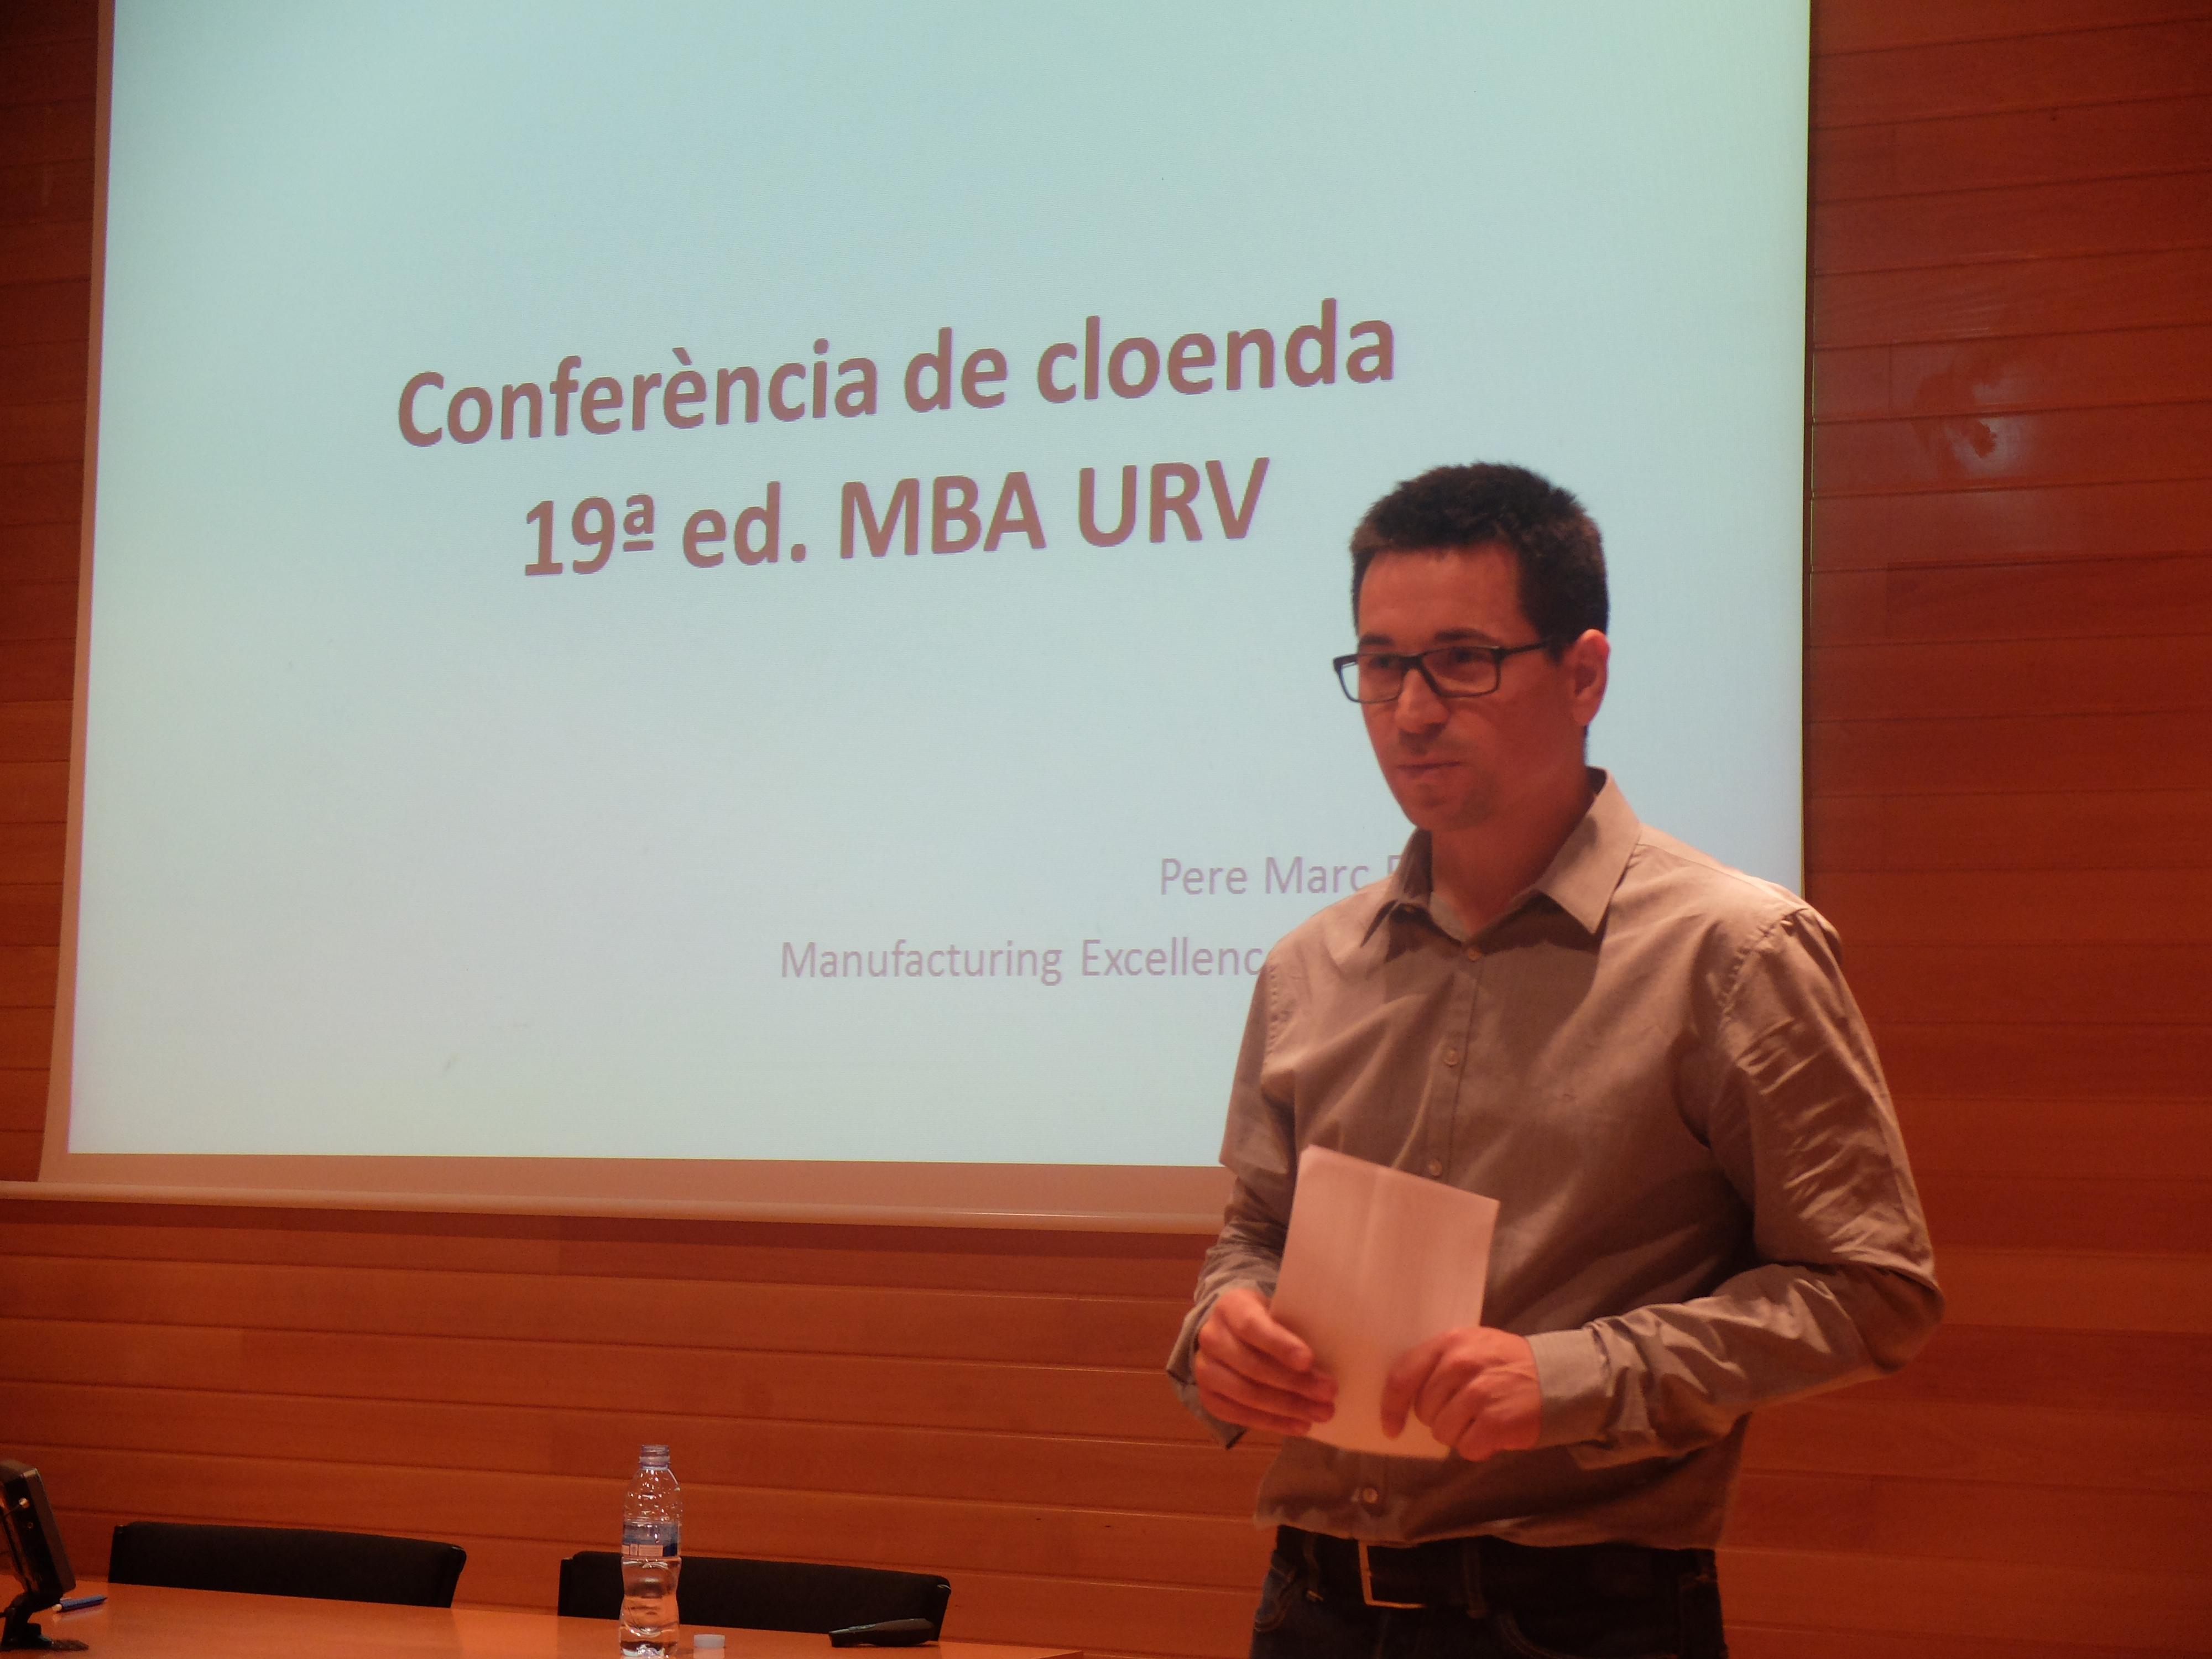 Conferència de cloenda de la 19a edició a càrrec de Pere Marc Franquet, Manufacturing Excellence Manager a SCA Site Valls.